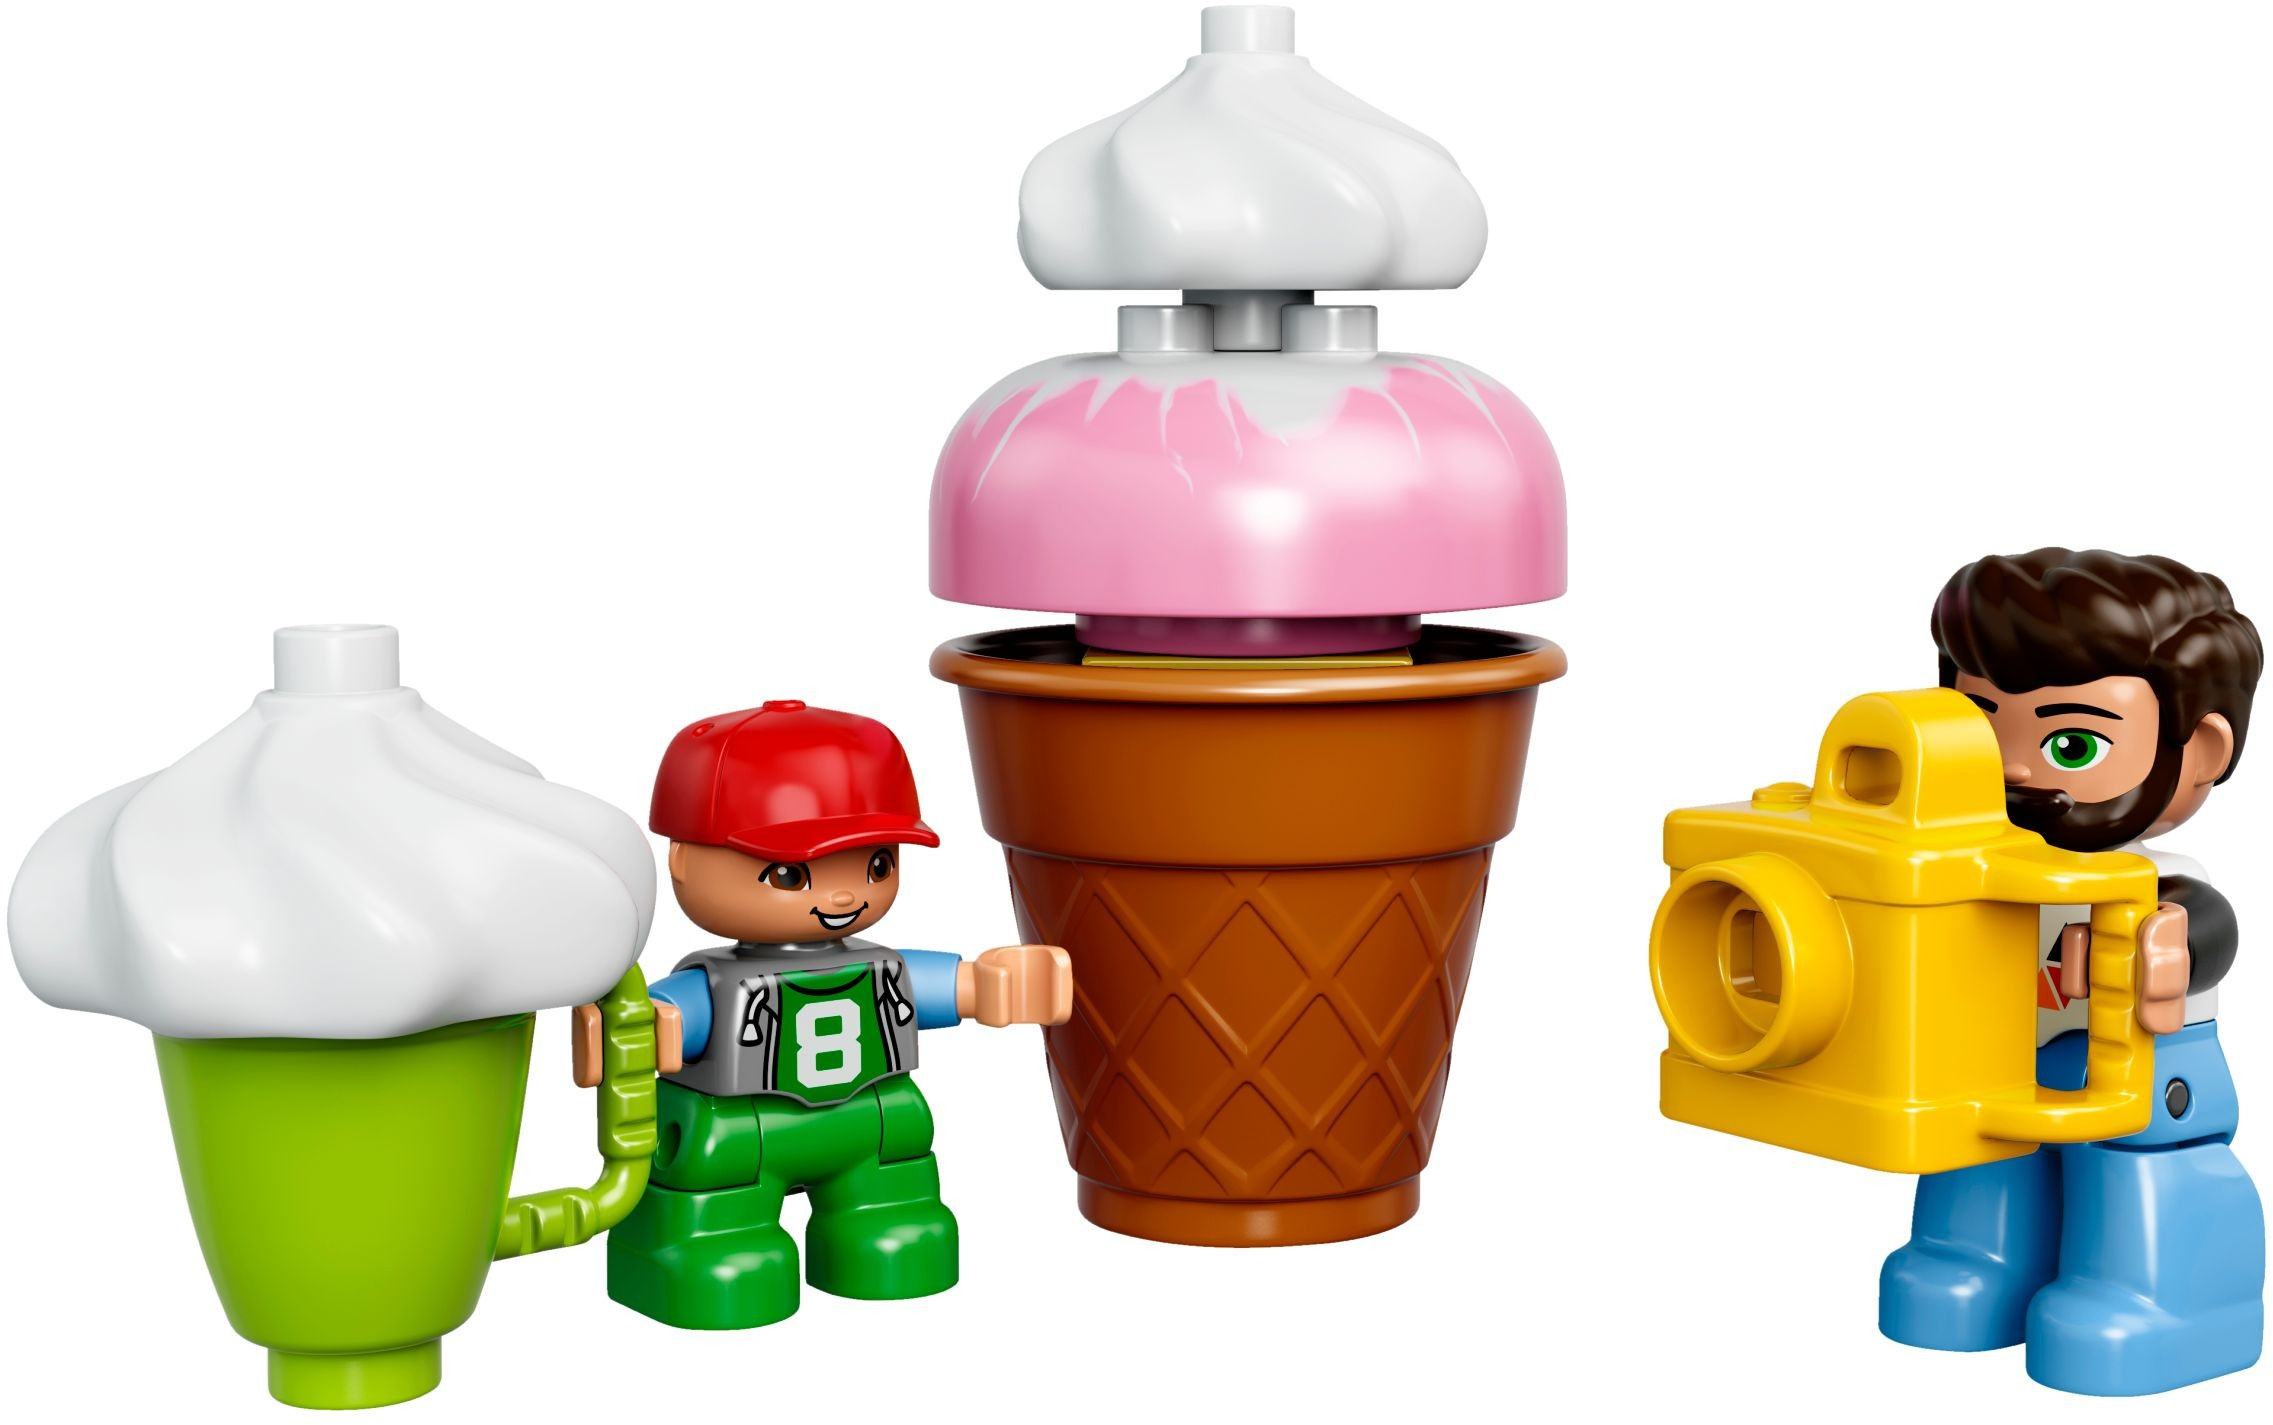 Klocki Lego Duplo 10840 Duże Wesołe Miasteczko Fv 7314846351